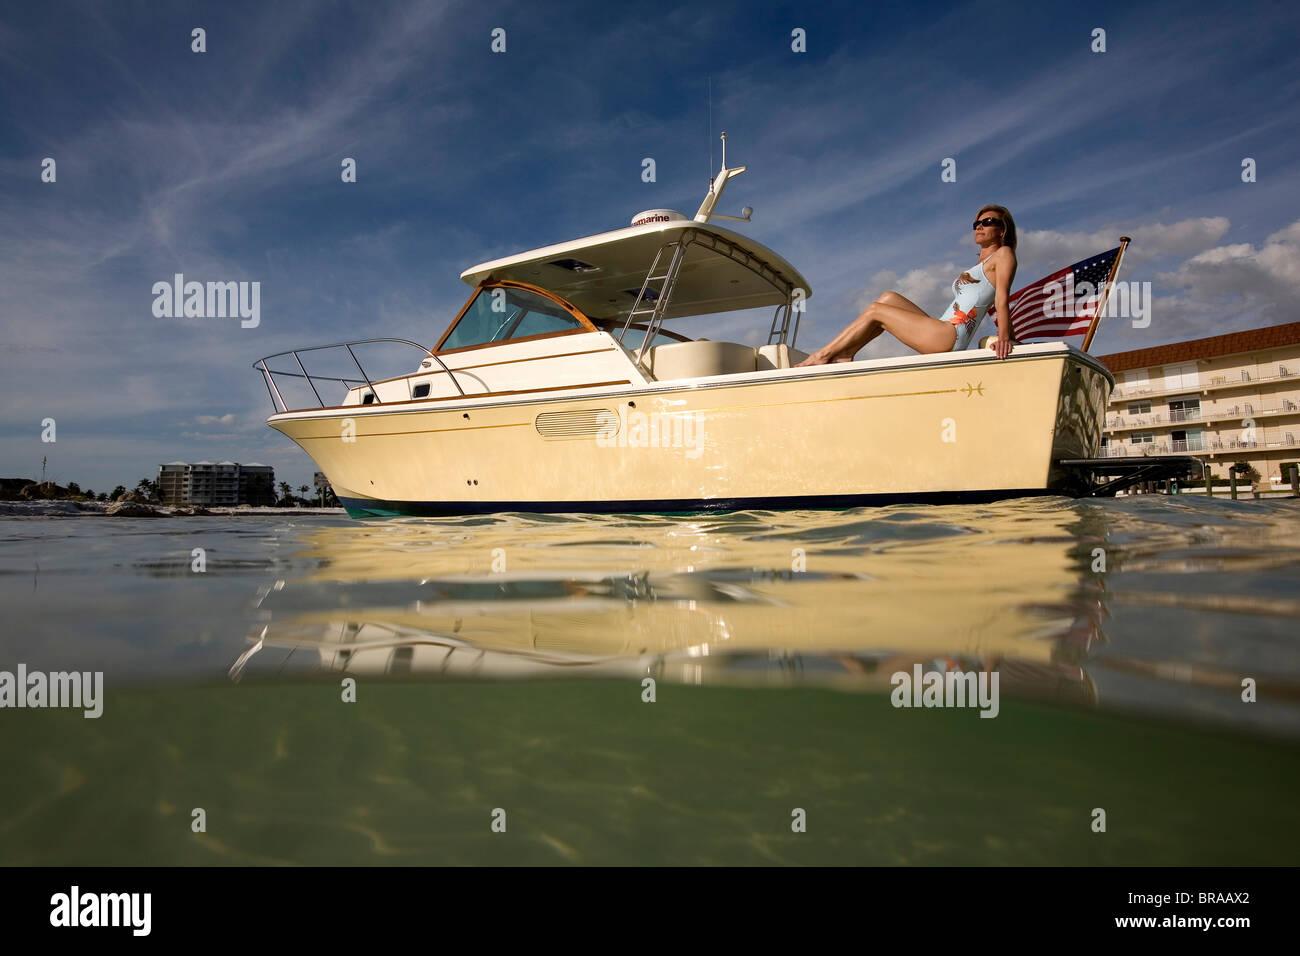 Femme détente sur la poupe d'un chasseur 29 Surf hors-bord Marco Island, Floride, USA. Parution de la propriété Photo Stock